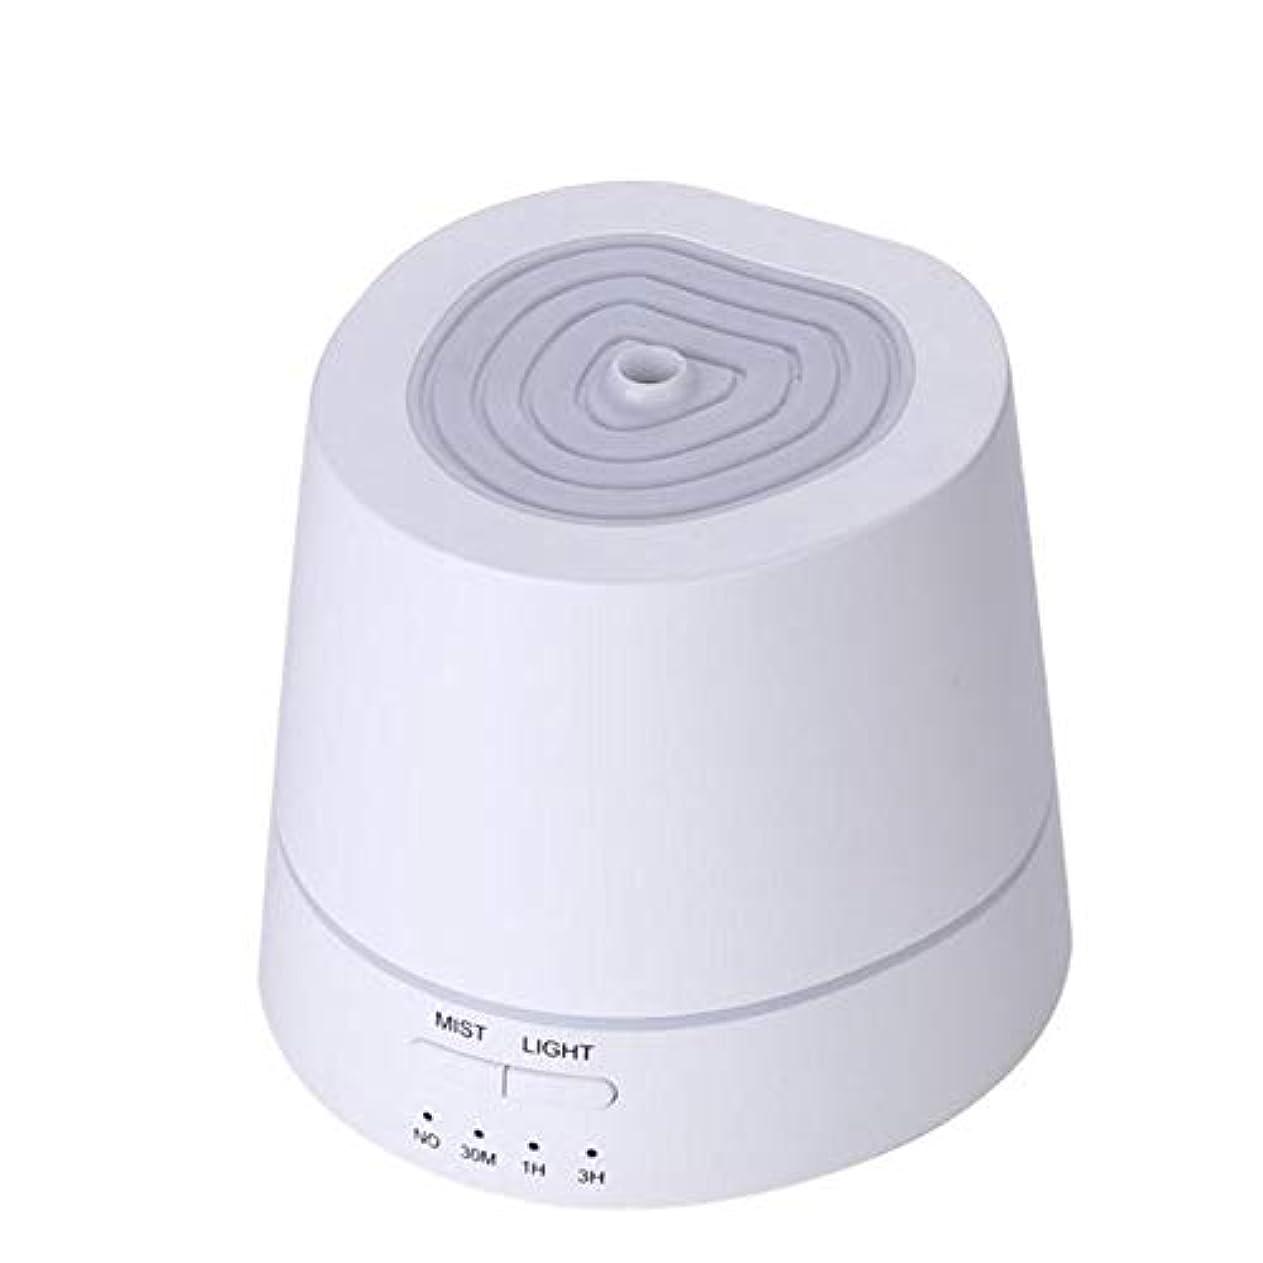 心配リーダーシップスワップアロマディフューザー 卓上加湿器 超音波式 150ml 小容量 USB充電式 7色LEDライト付き 間接照明 時間設定機能 部屋、会社、ヨガなど場所適用 Styleshow